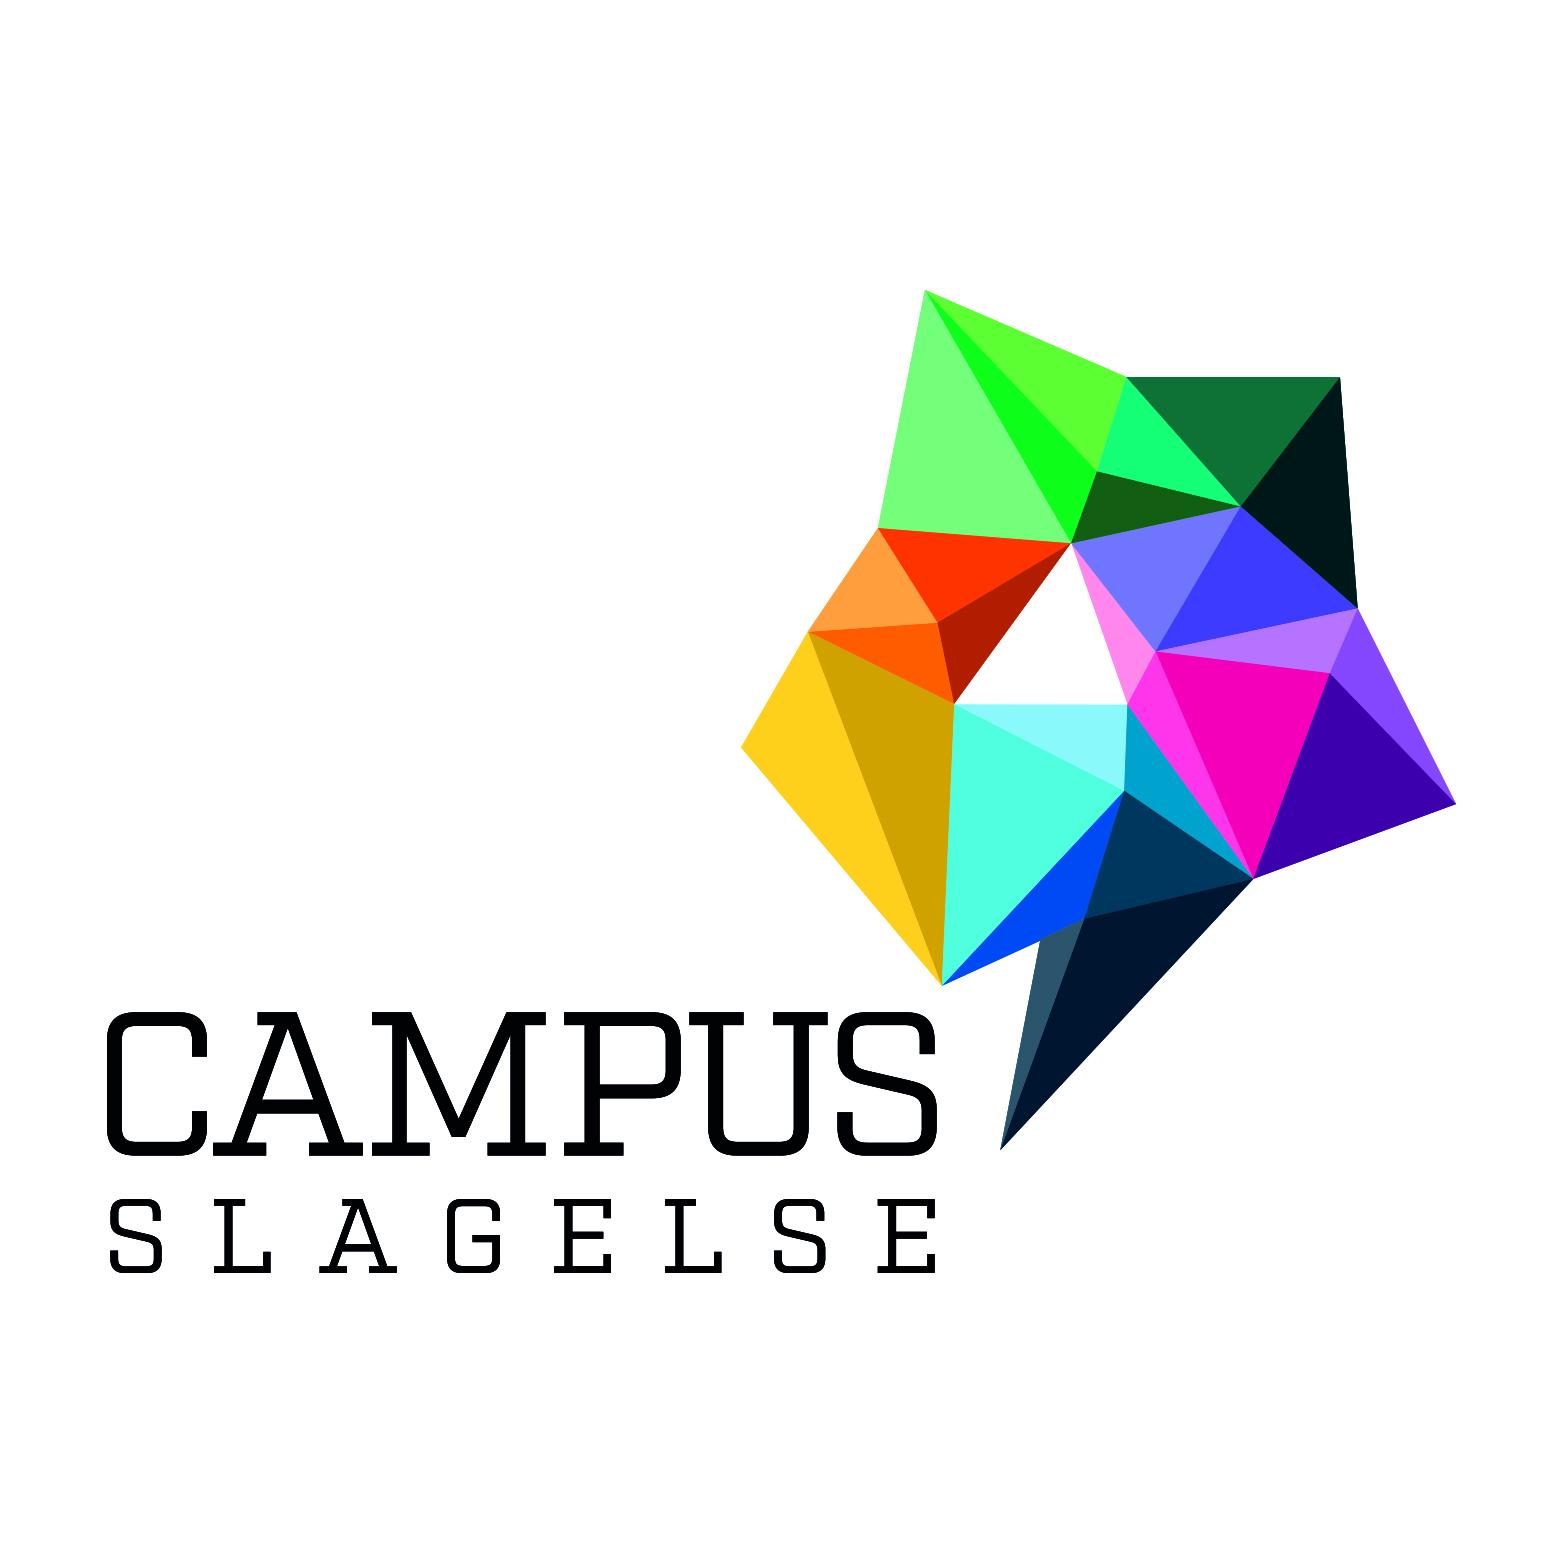 Campus Slagelse i nye farver